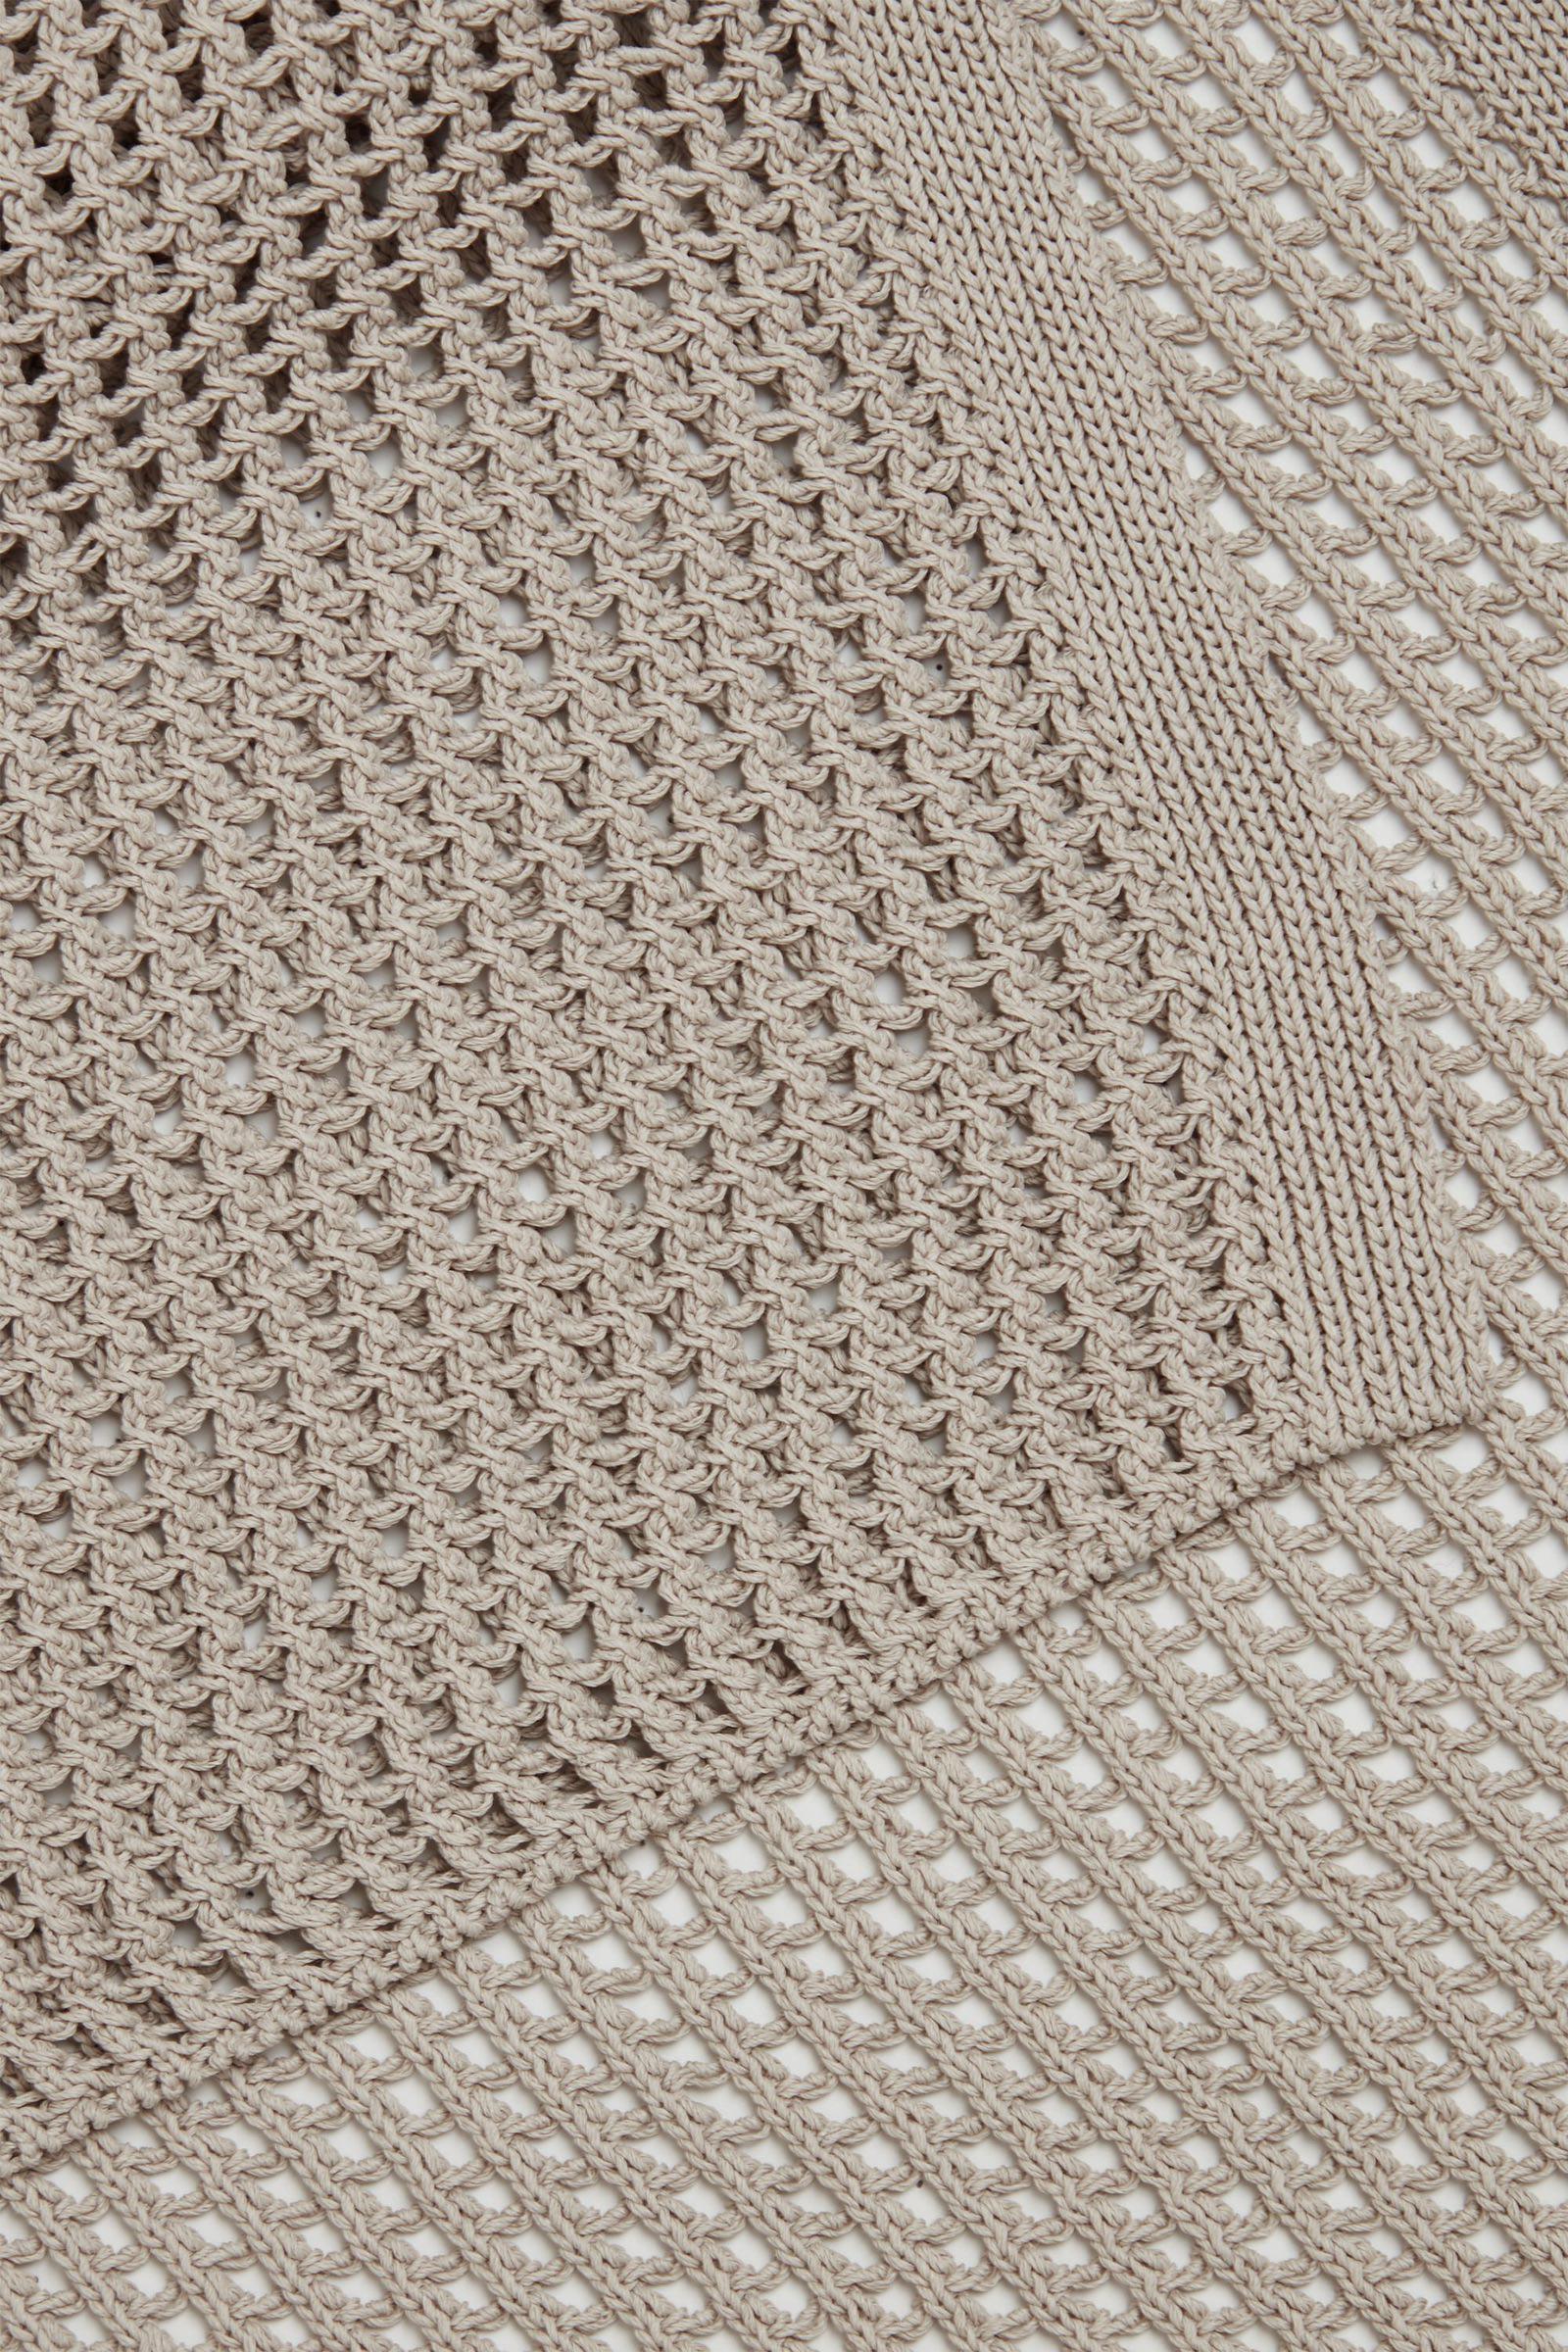 COS 메시 니트 카울 넥 빕의 베이지컬러 Detail입니다.